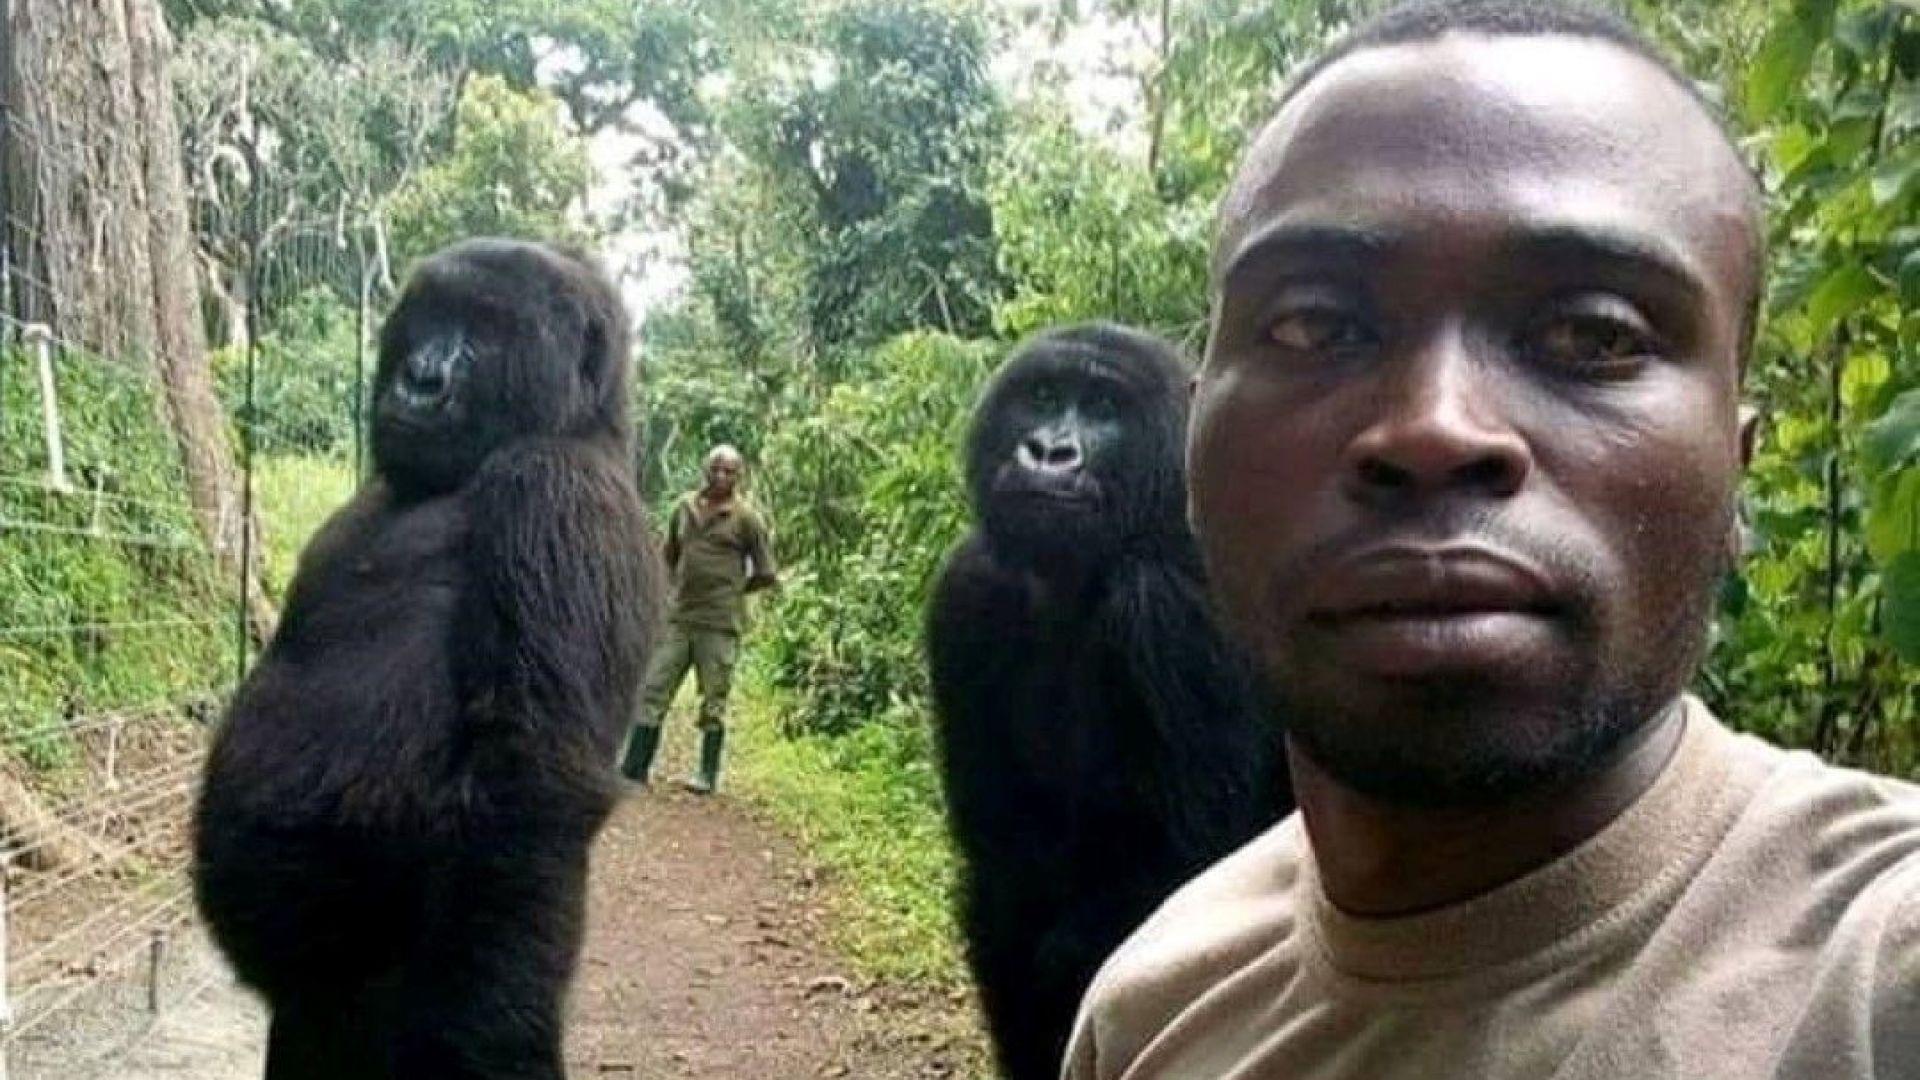 Две горили се появиха, позирайки спокойно, в селфи с рейнджърите,